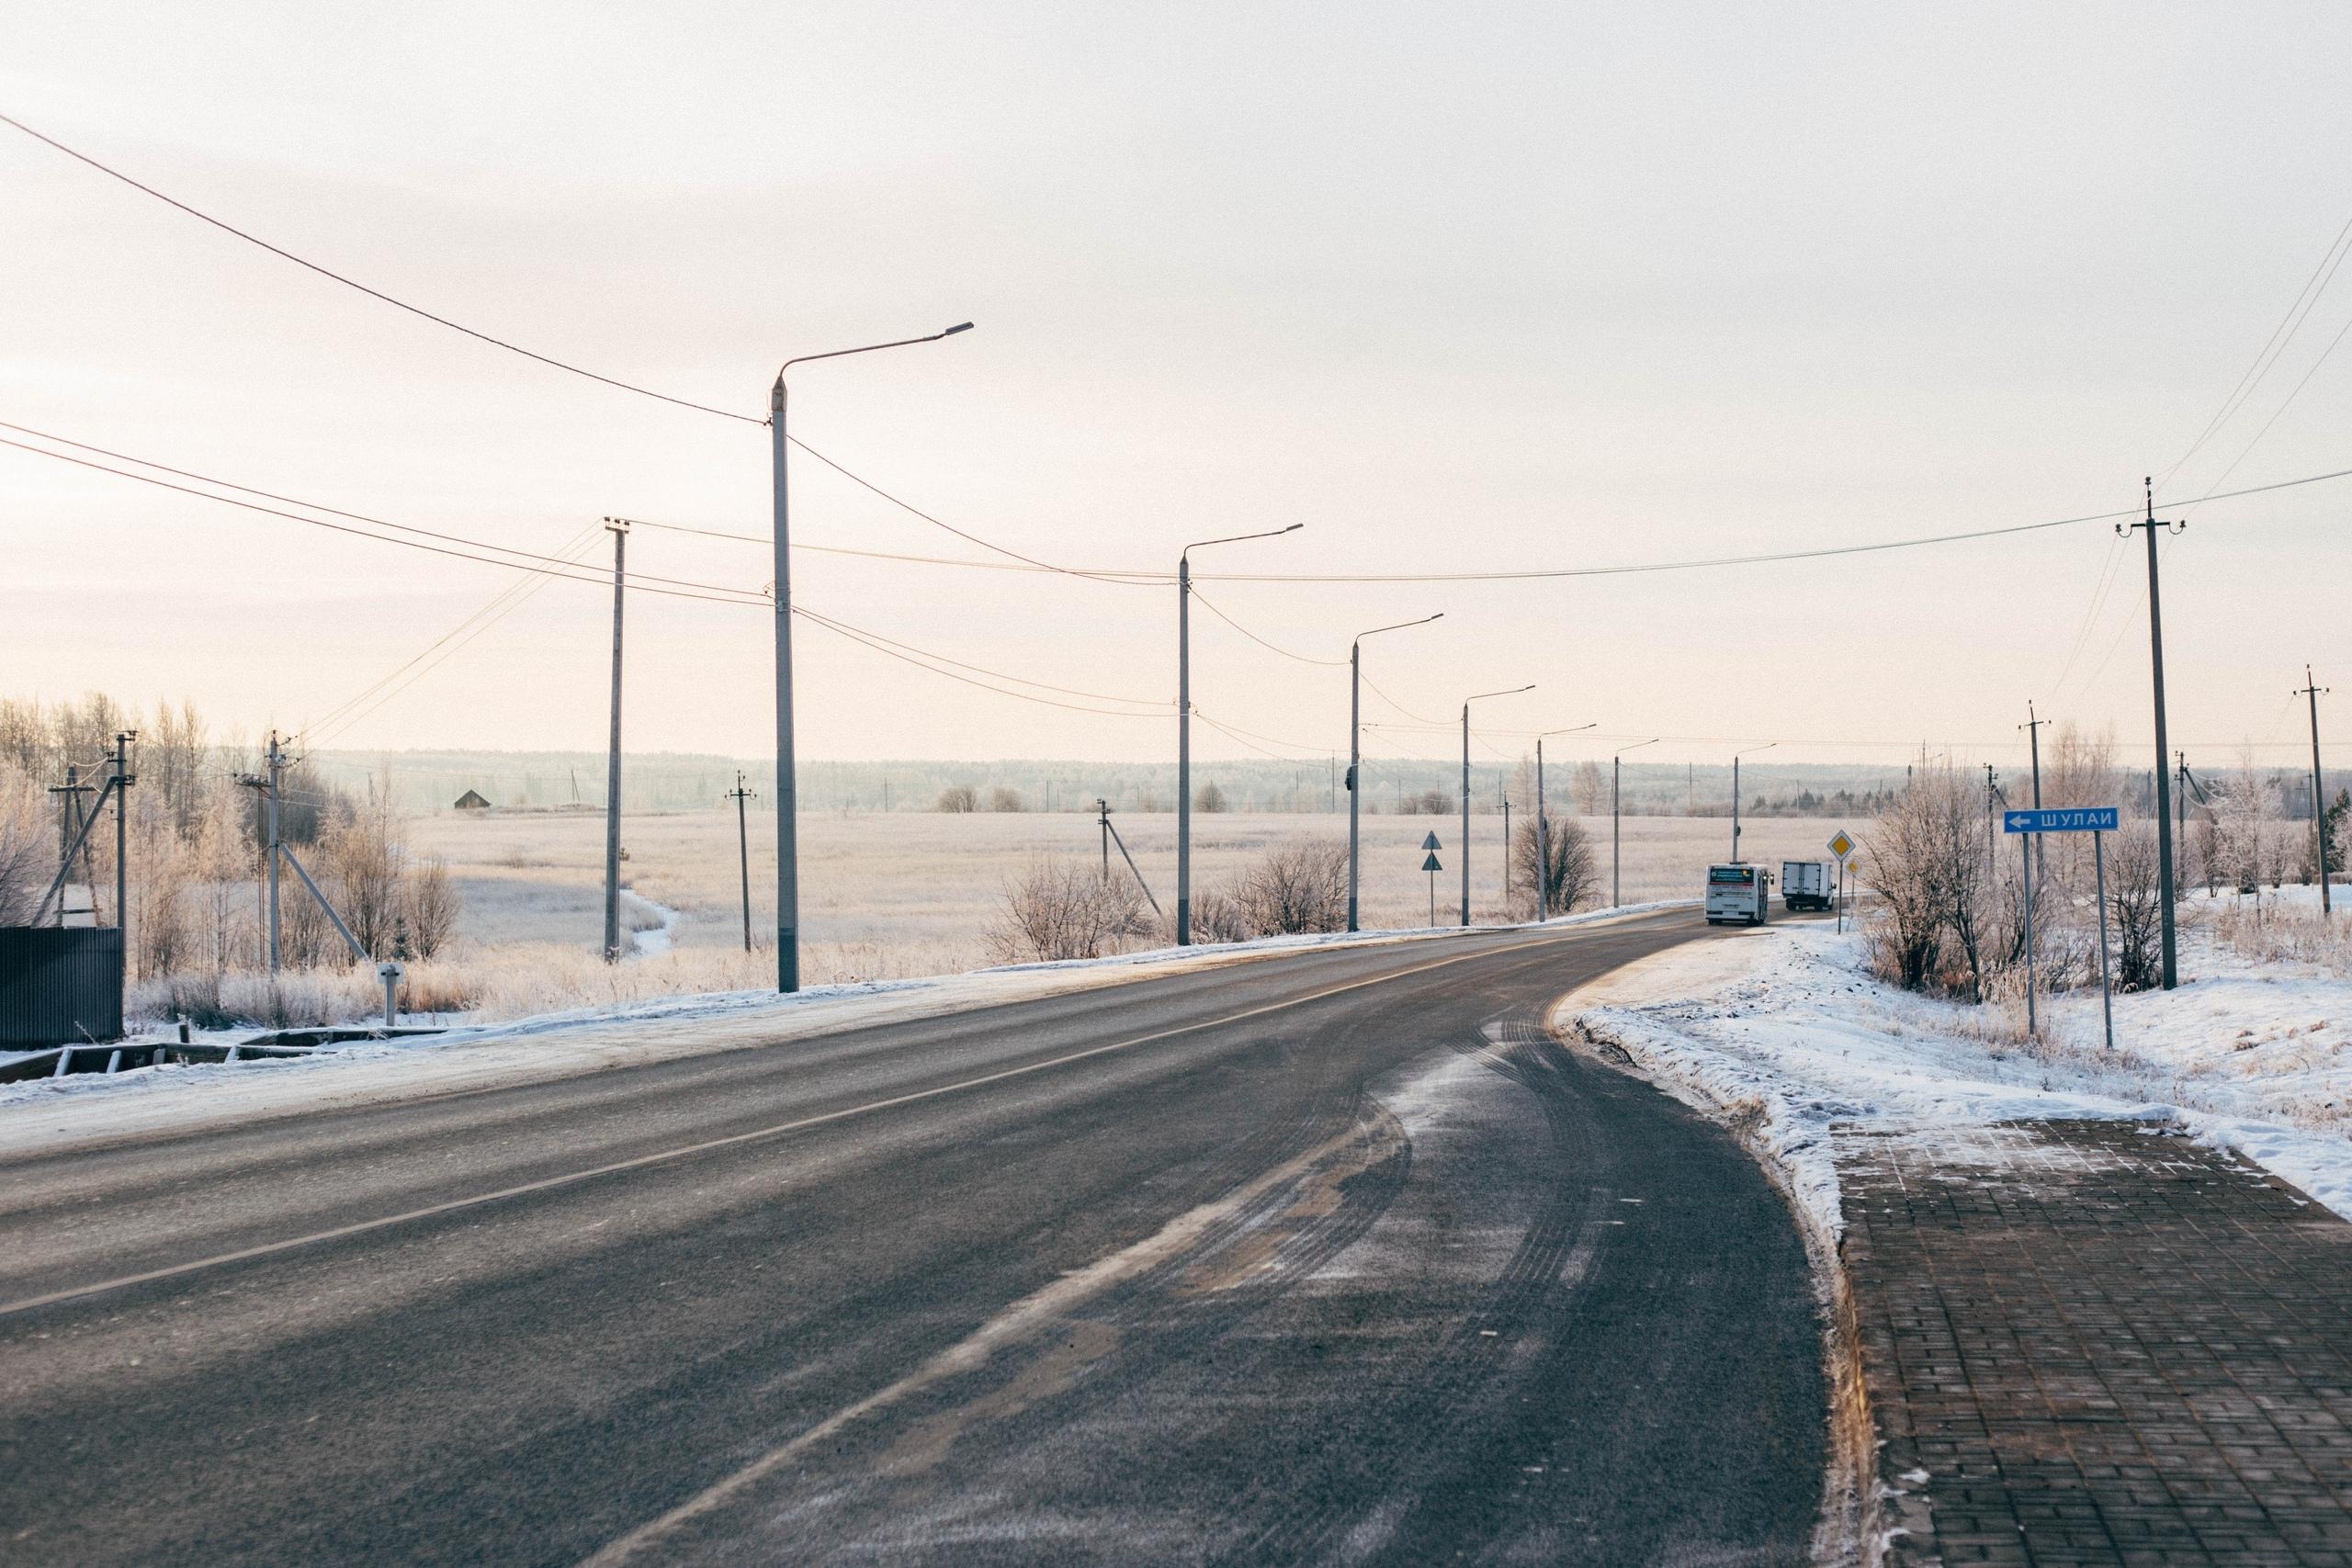 На днях в Кировской области ожидается самое сильное похолодание с 2017 года